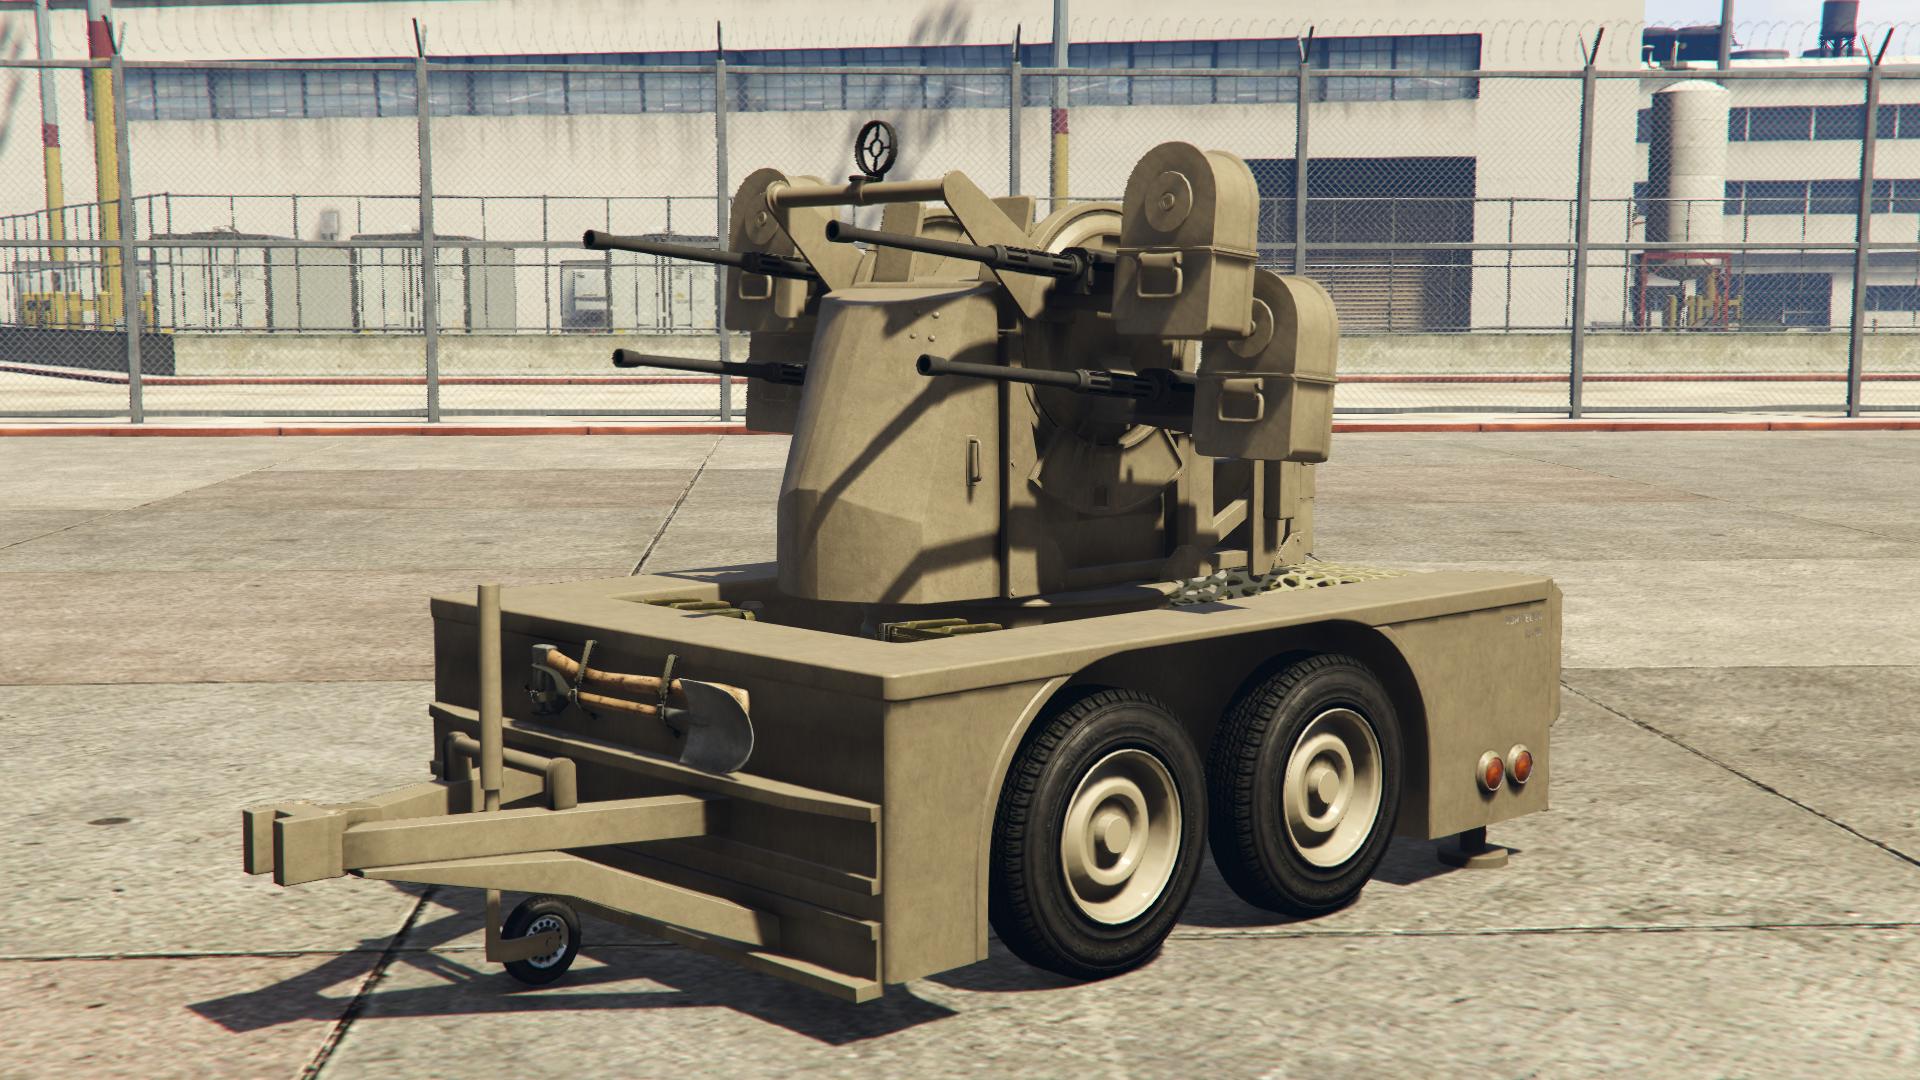 Znalezione obrazy dla zapytania gta 5 anti aircraft trailer